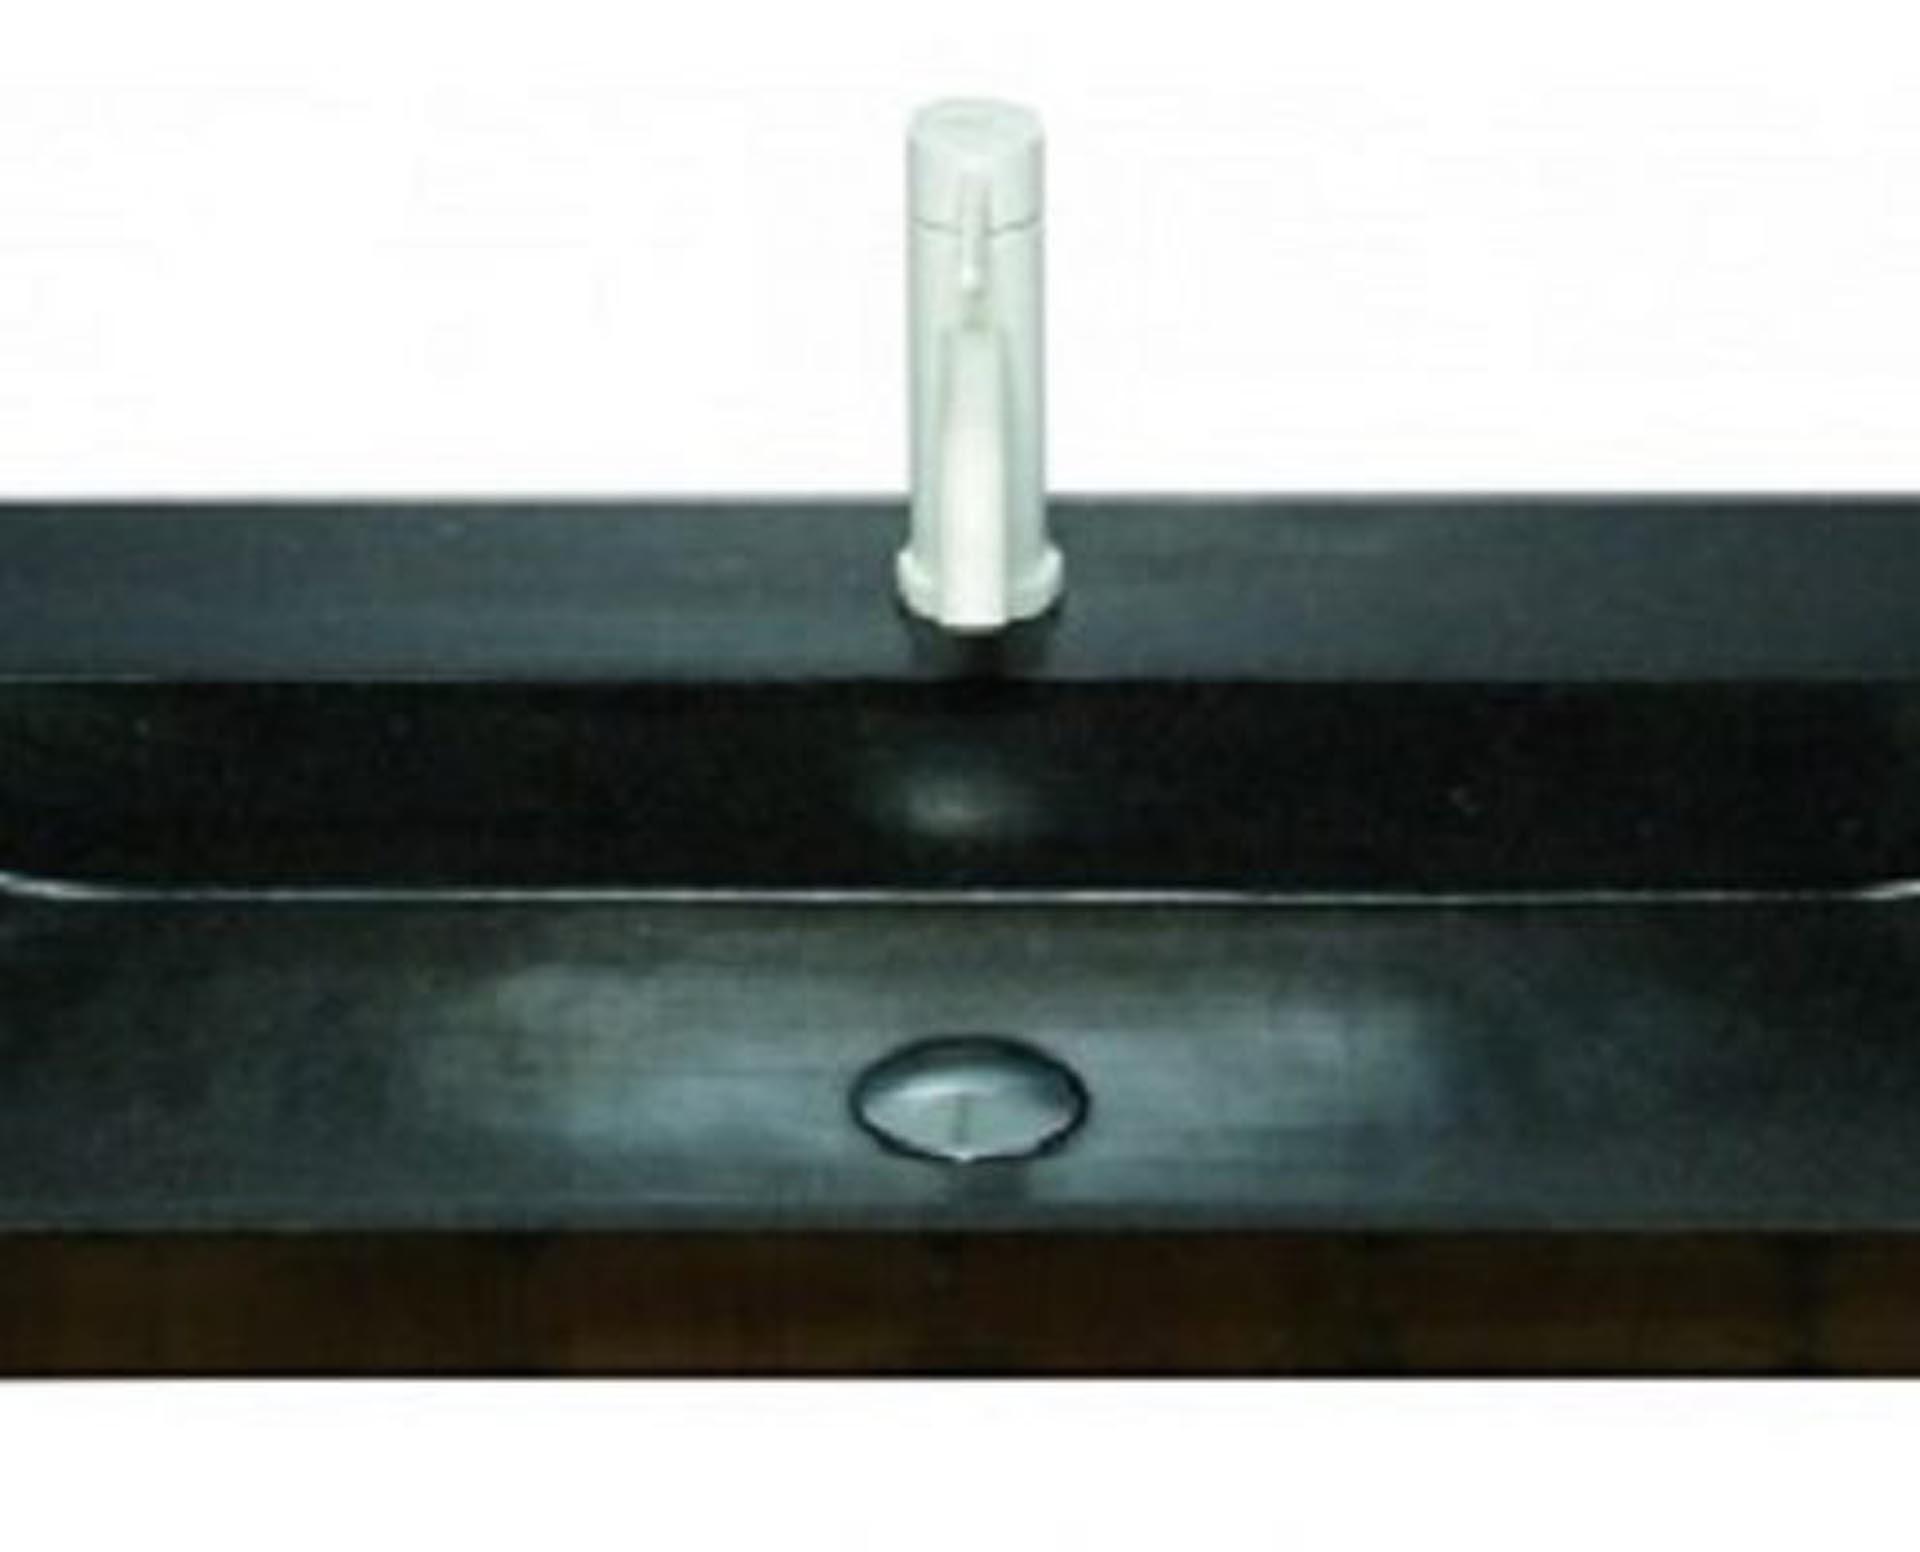 Eksklusiv designhåndvask fremstillet i massiv granit. Den sorte granit har en mat finish. En ægte stenvask i målene: 80,5 x 35,5 x 10 cm. Vasken er bearbejdet ud af et helt stykke granit - vi fræser ganske enkelt en håndvask ud af sten. Alle de afsluttende små detaljer er håndlavet. Med denne vask vil man få et stykke natur hjem i badeværelset. Det er kvalitet, som holder mange år ud i tiden. Vasken kan bruges som fritstående vask - da vasken er flad i bunden er den velegnet til at placere direkte på en bordplade. Vasken er hensynsmæssigt designet med fine rundinger, som både giver vasken et eksklusivt udtryk og gør den rengøringsvenlig. Vasken vedligeholdes med voks - vi anbefaler en behandling med vores egen naturvoks ID12002 et par gange om året for at opnå optimalt look.